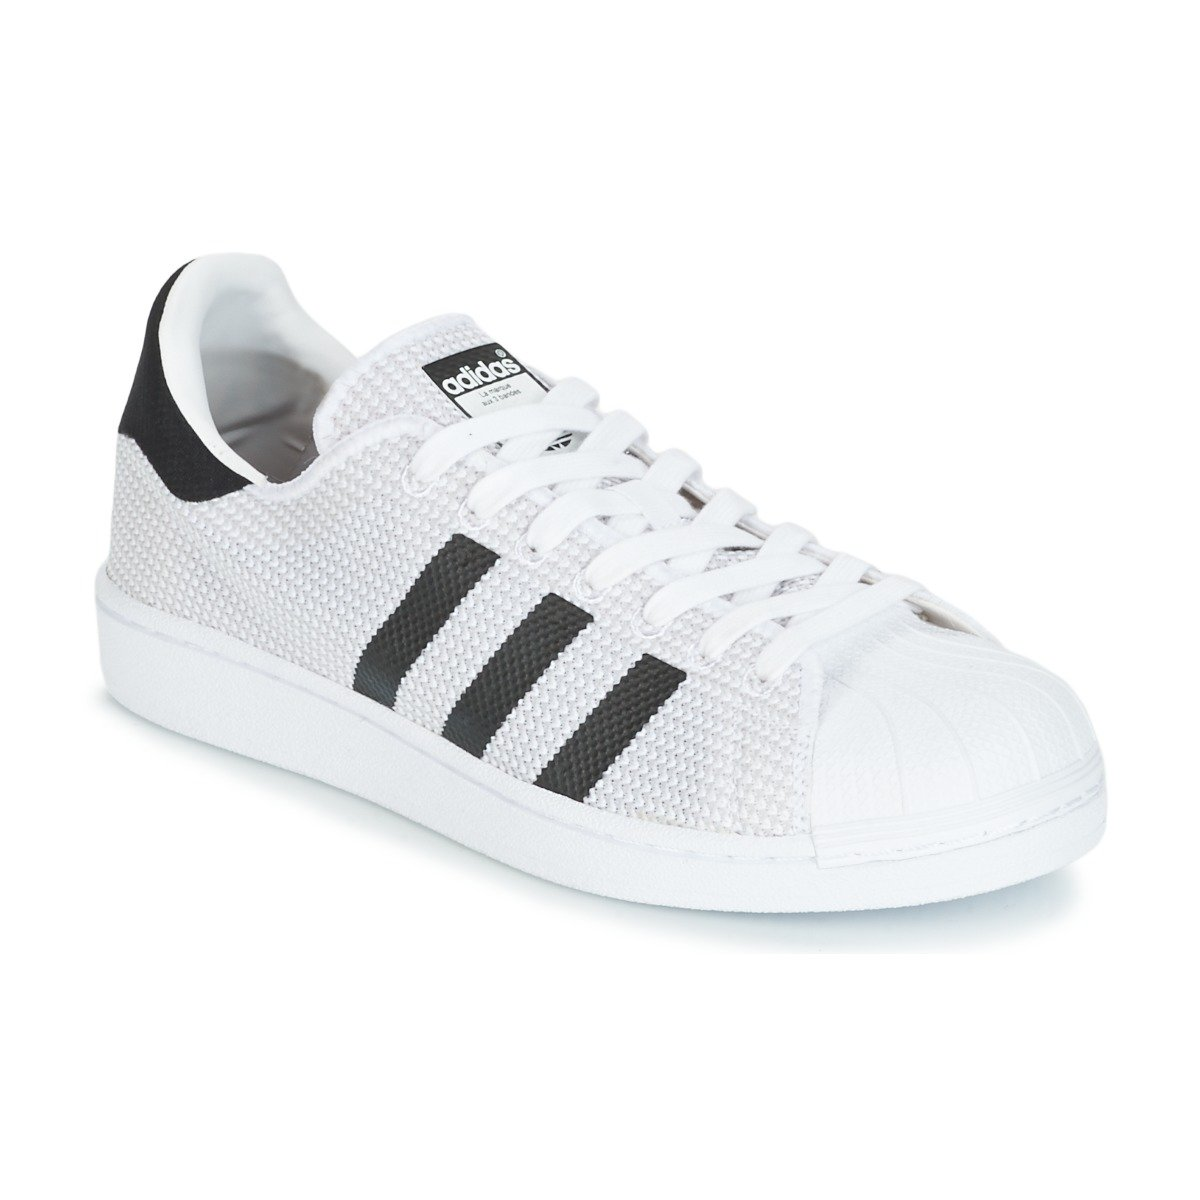 Adidas Originals Originals Originals Herren Superstar Turnschuhe Schuhe -Weiß schwarz e62301